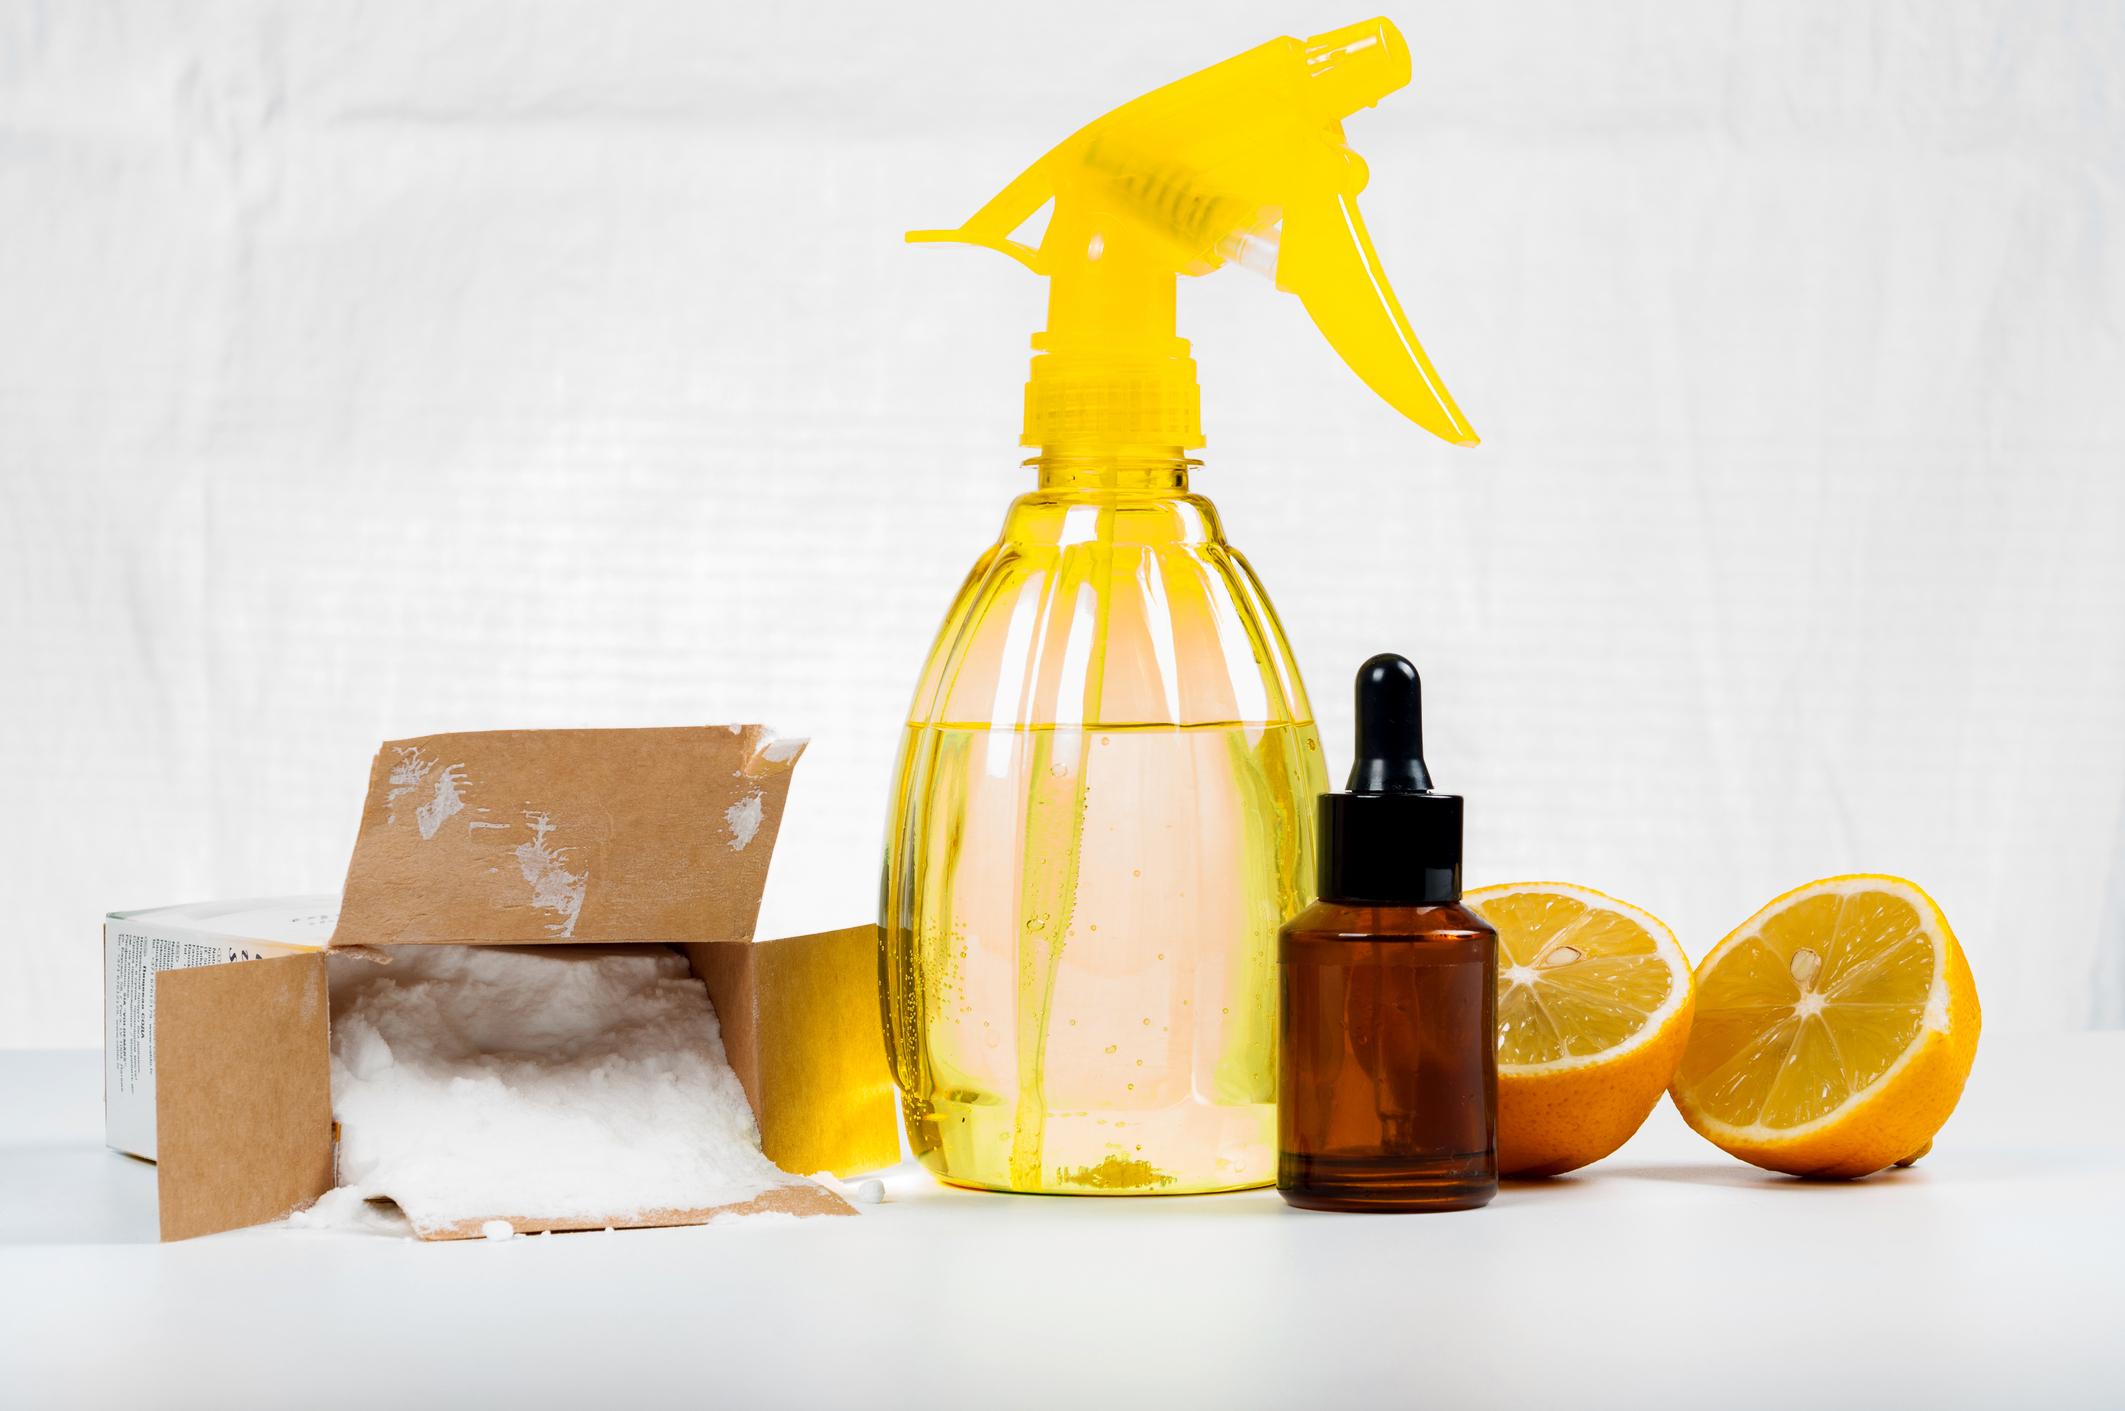 Домашните препарати за почистване са хубави, но са загуба на времето. Да, содата и лимона са ефикасни при почистването на някои повърхности, но ако искате качествено чистене и полиране - заложете на по-добри препарати.